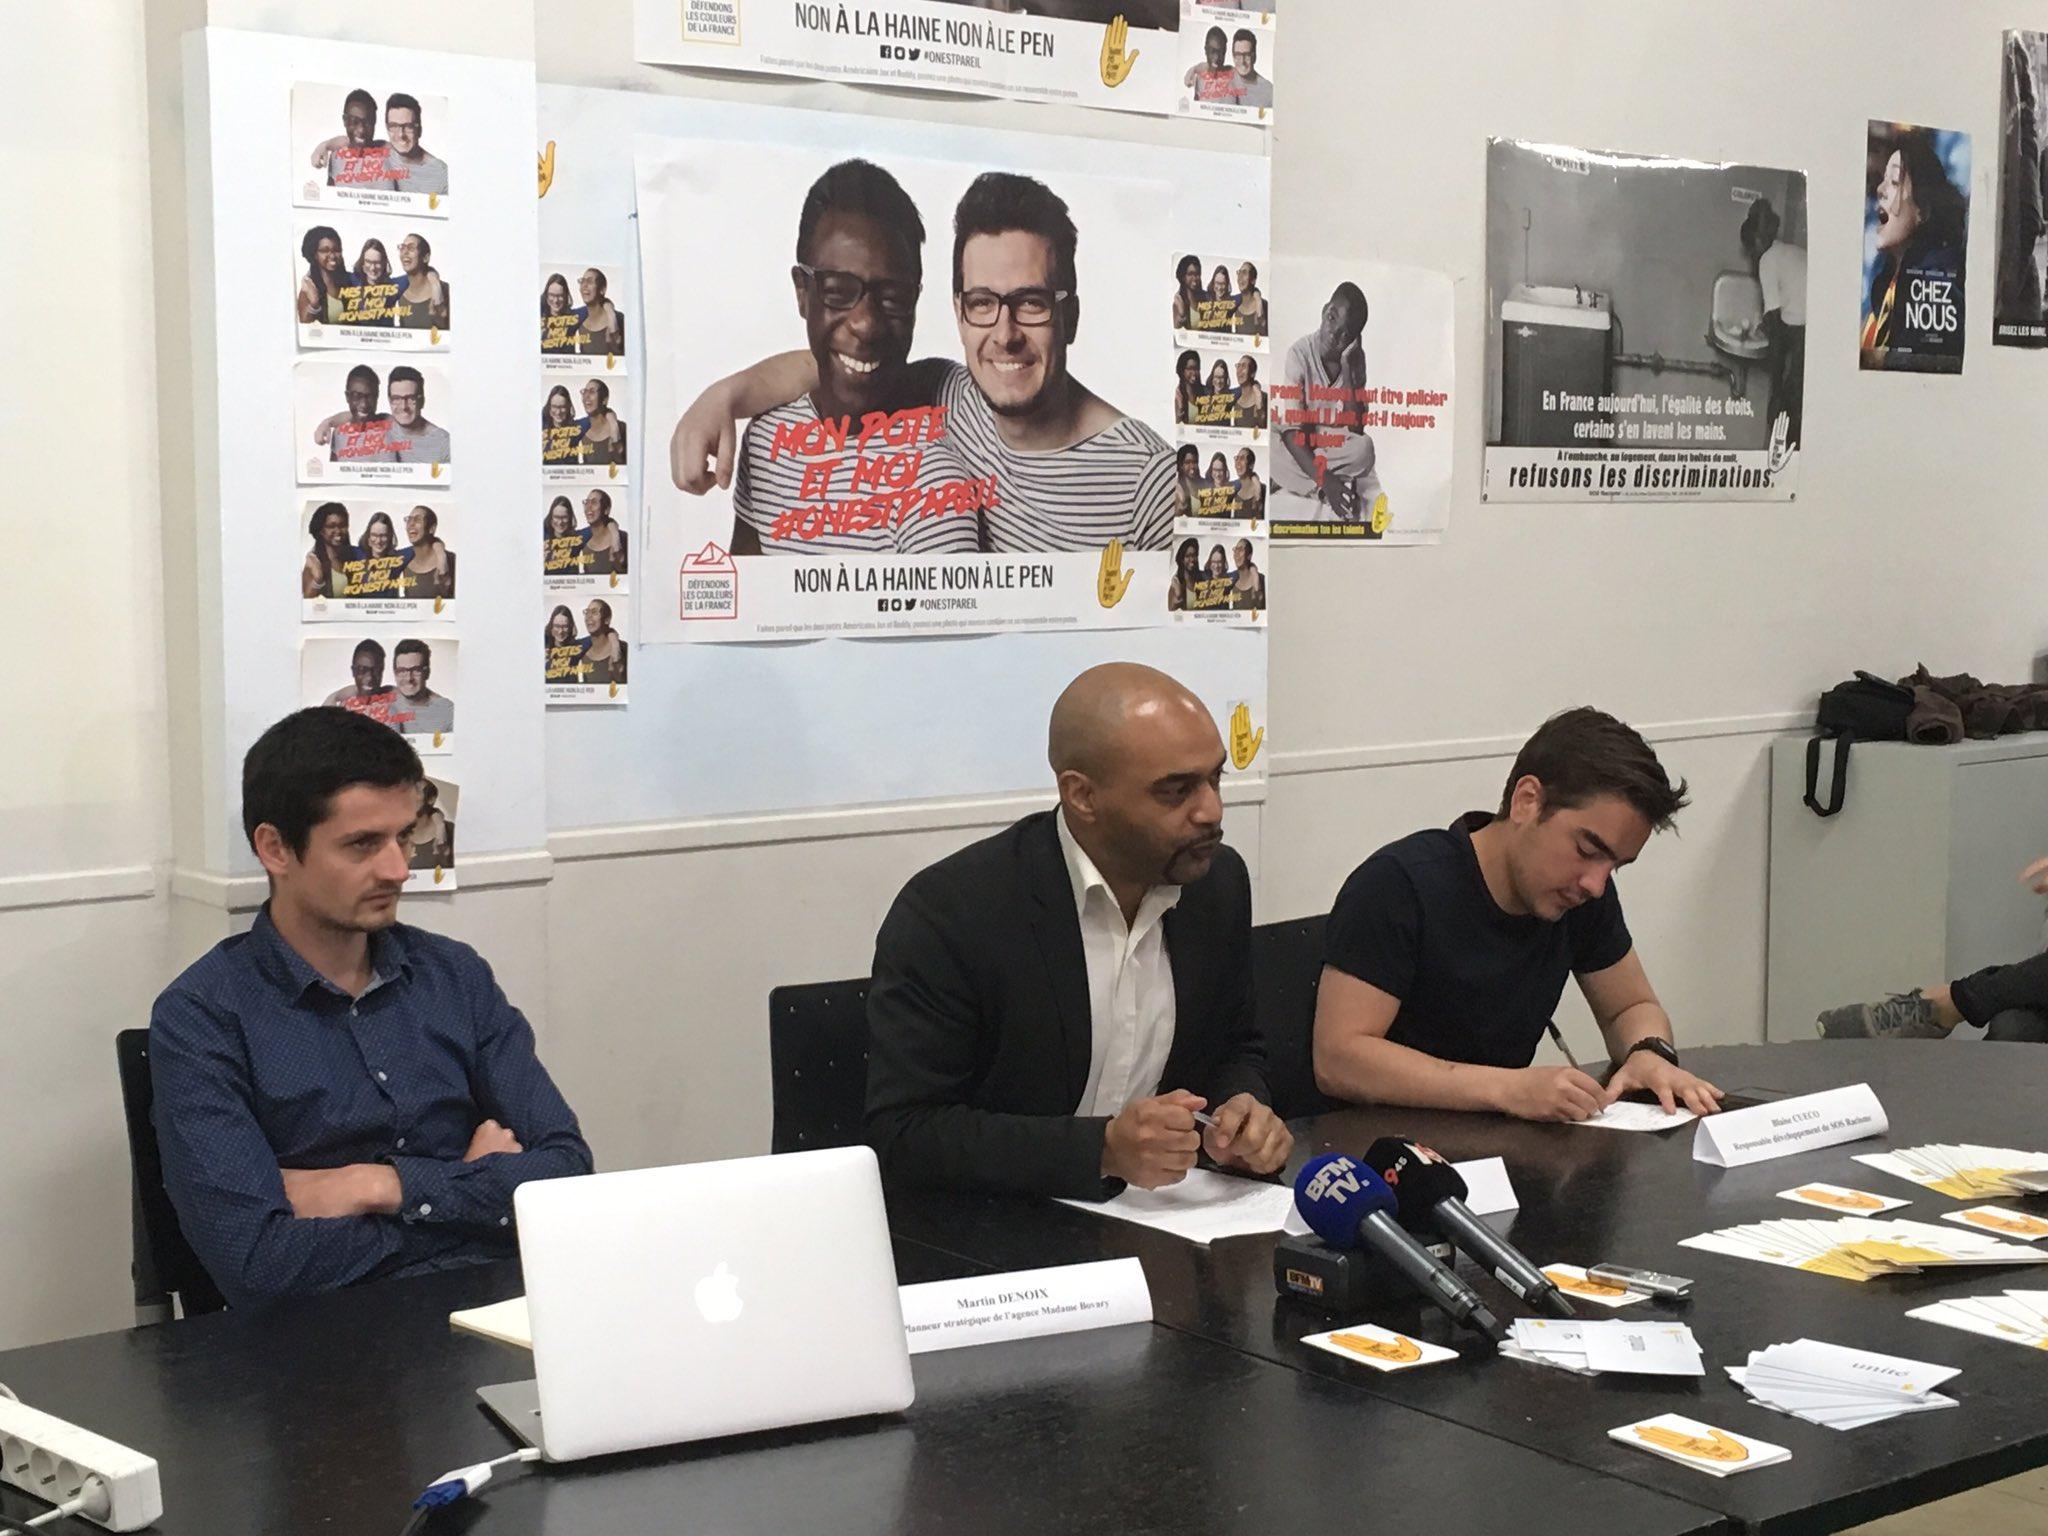 Début de la conférence de presse de SOS Racisme pour le lancement de la campagne #OnEstPareil https://t.co/OXYsanbuGP